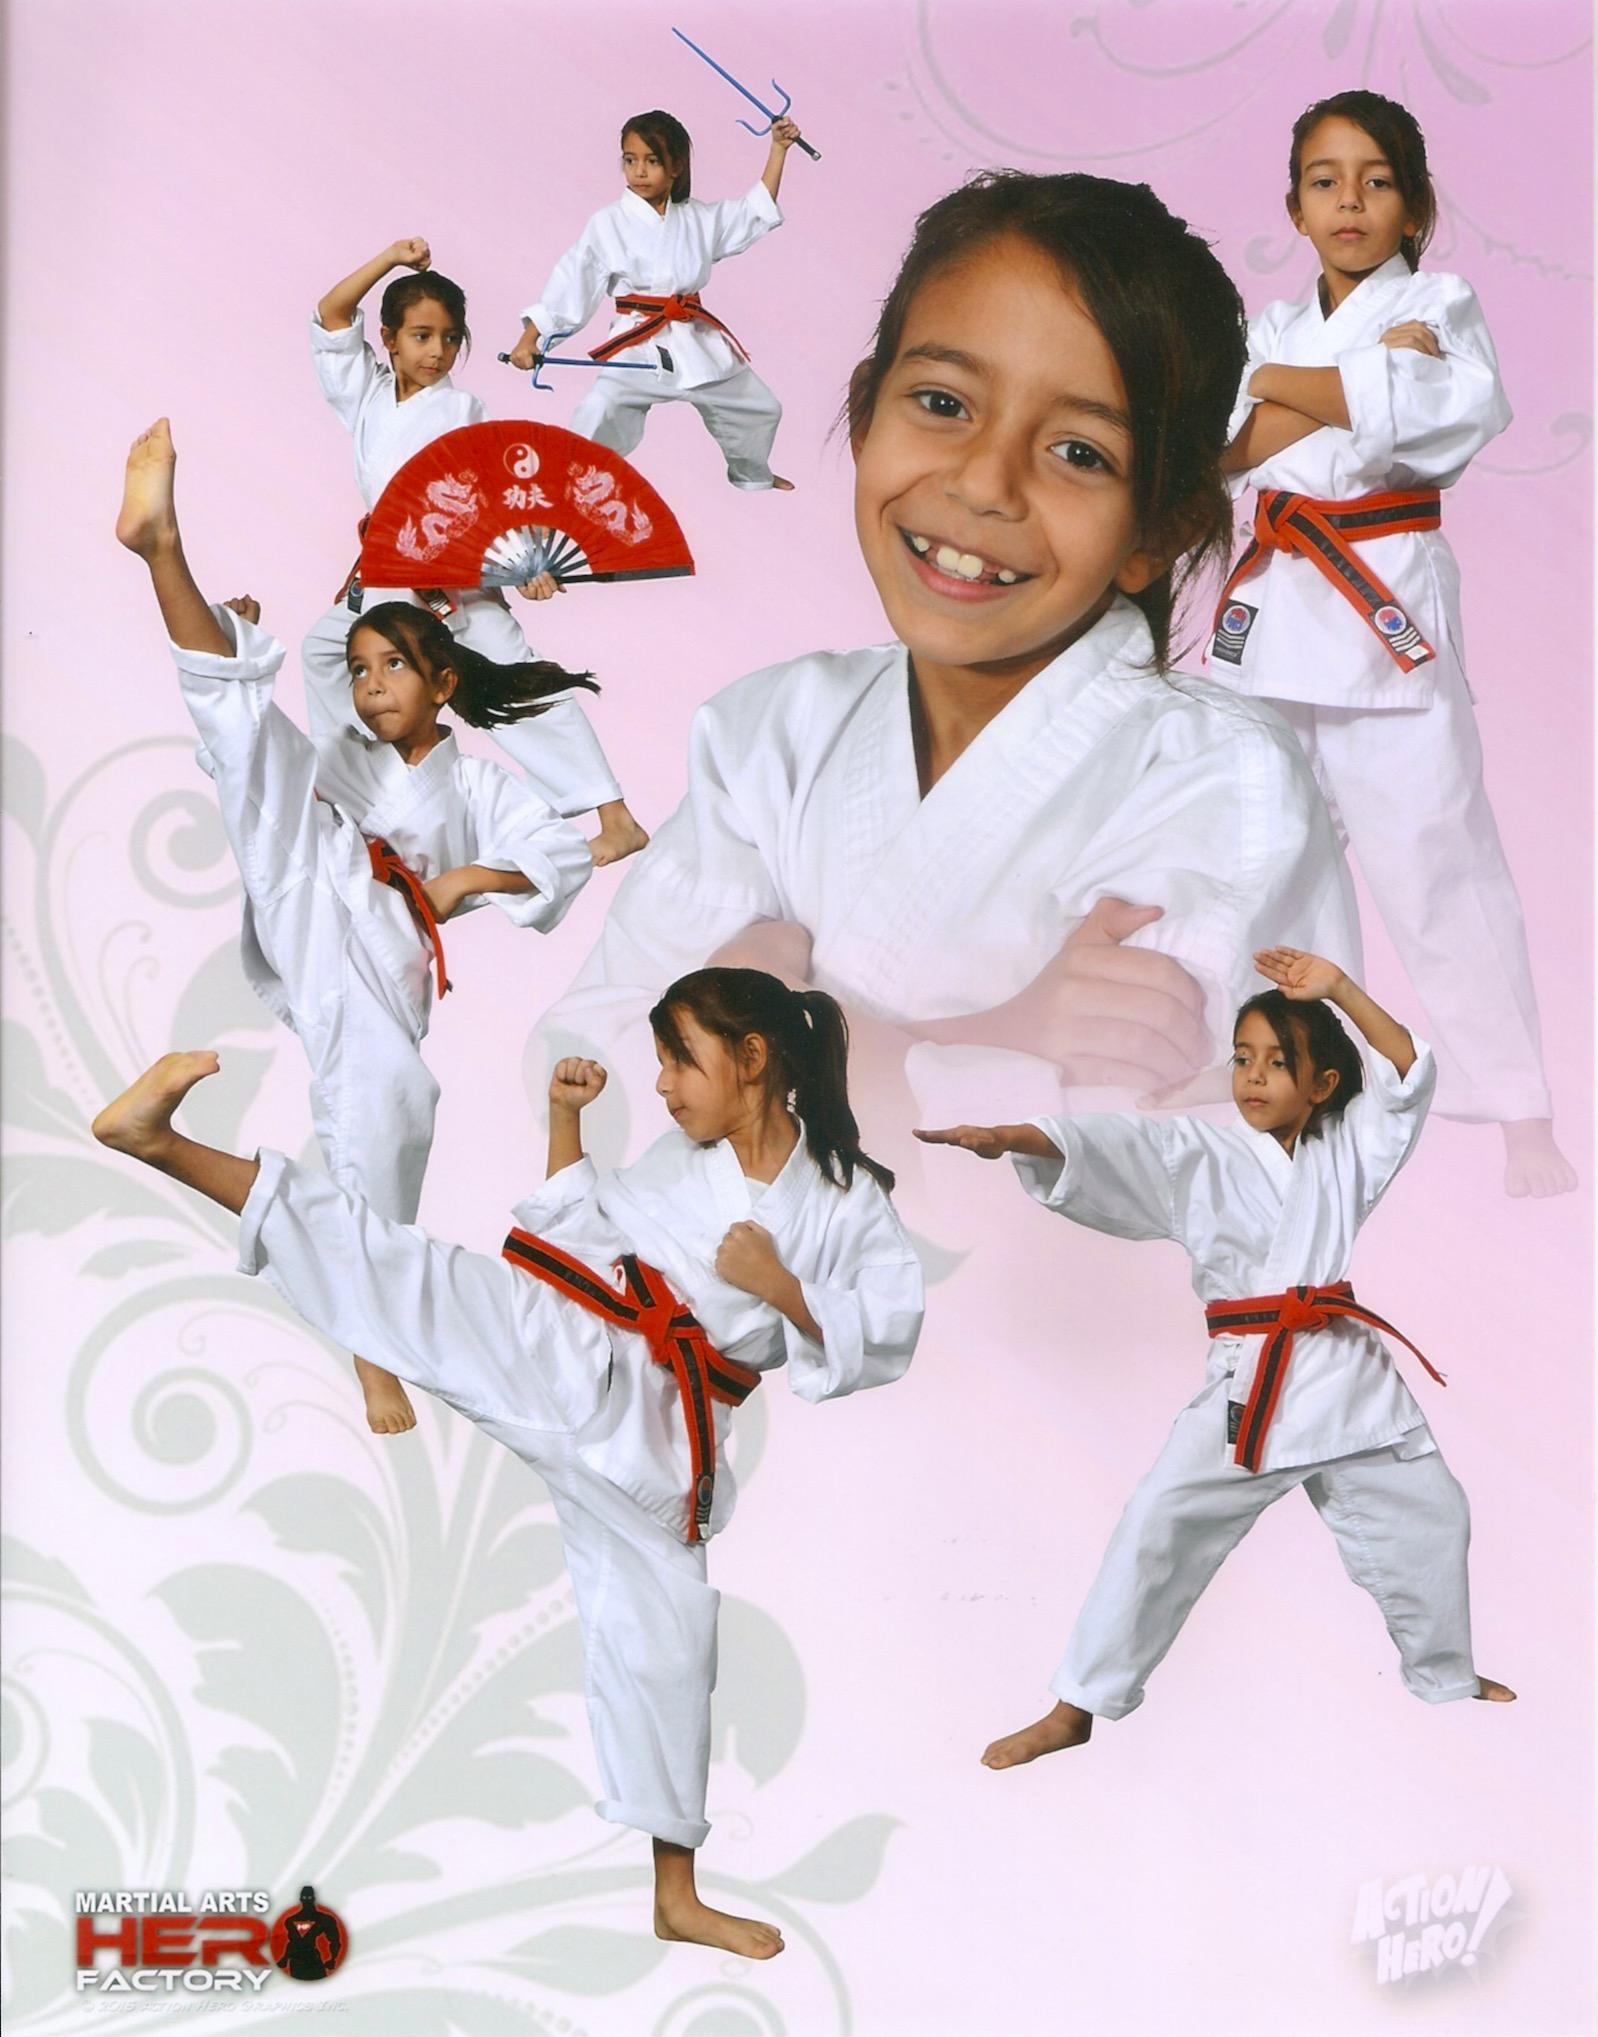 Martial Arts Hero Factory image 2